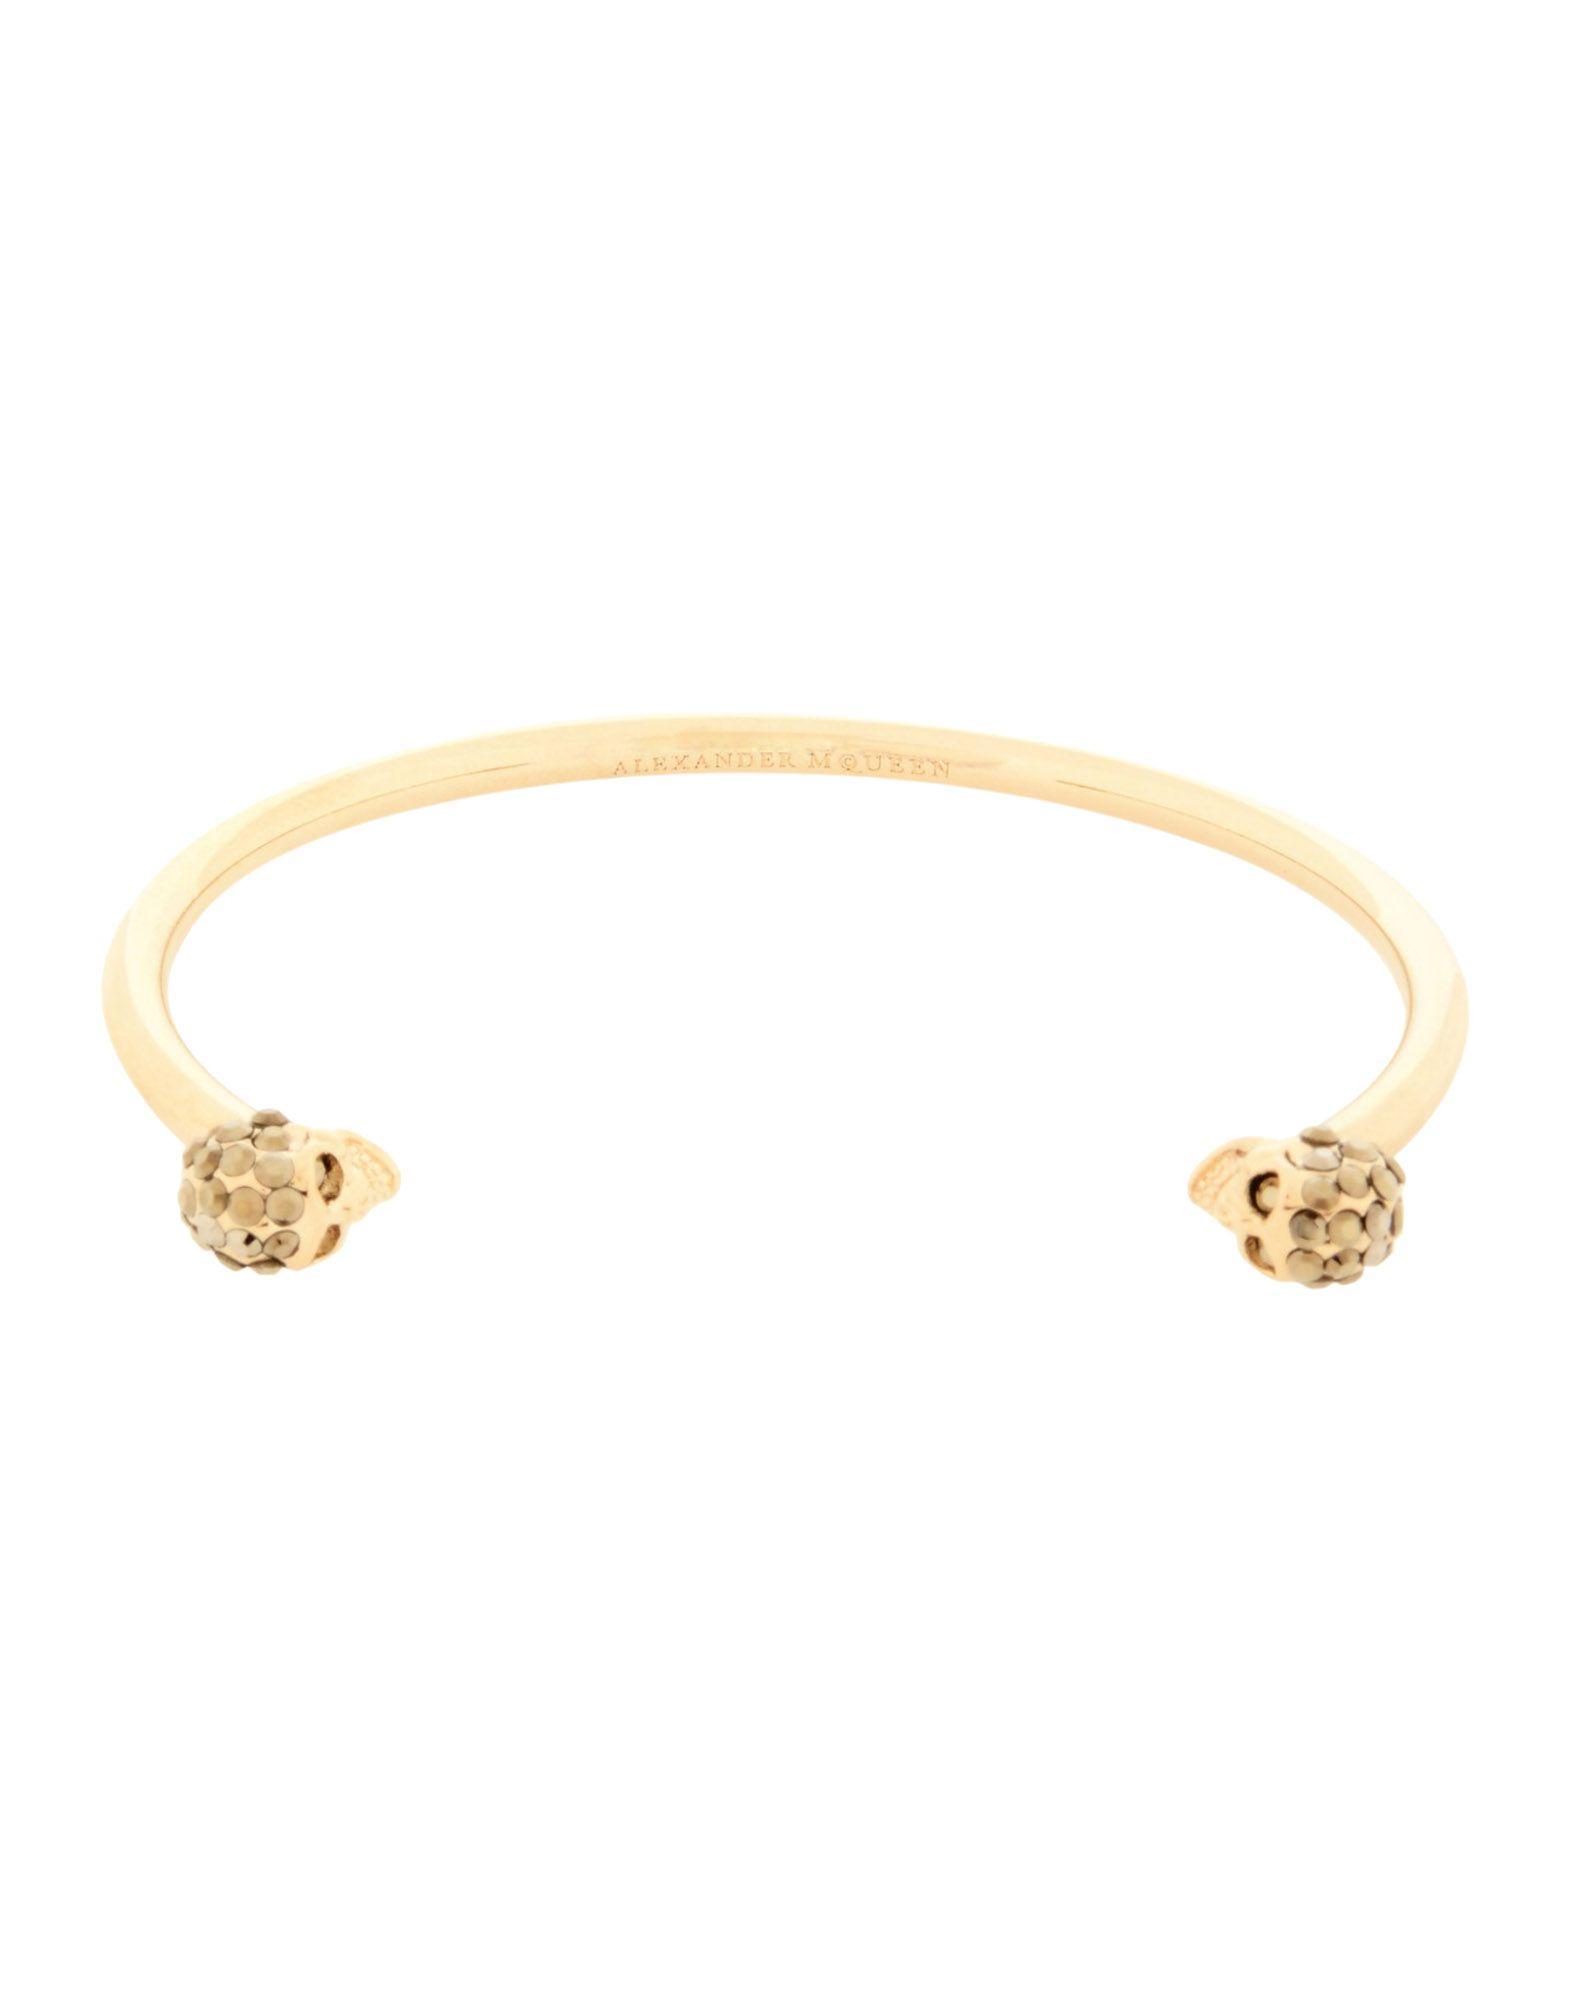 Alexander Mcqueen Bracelet In Gold